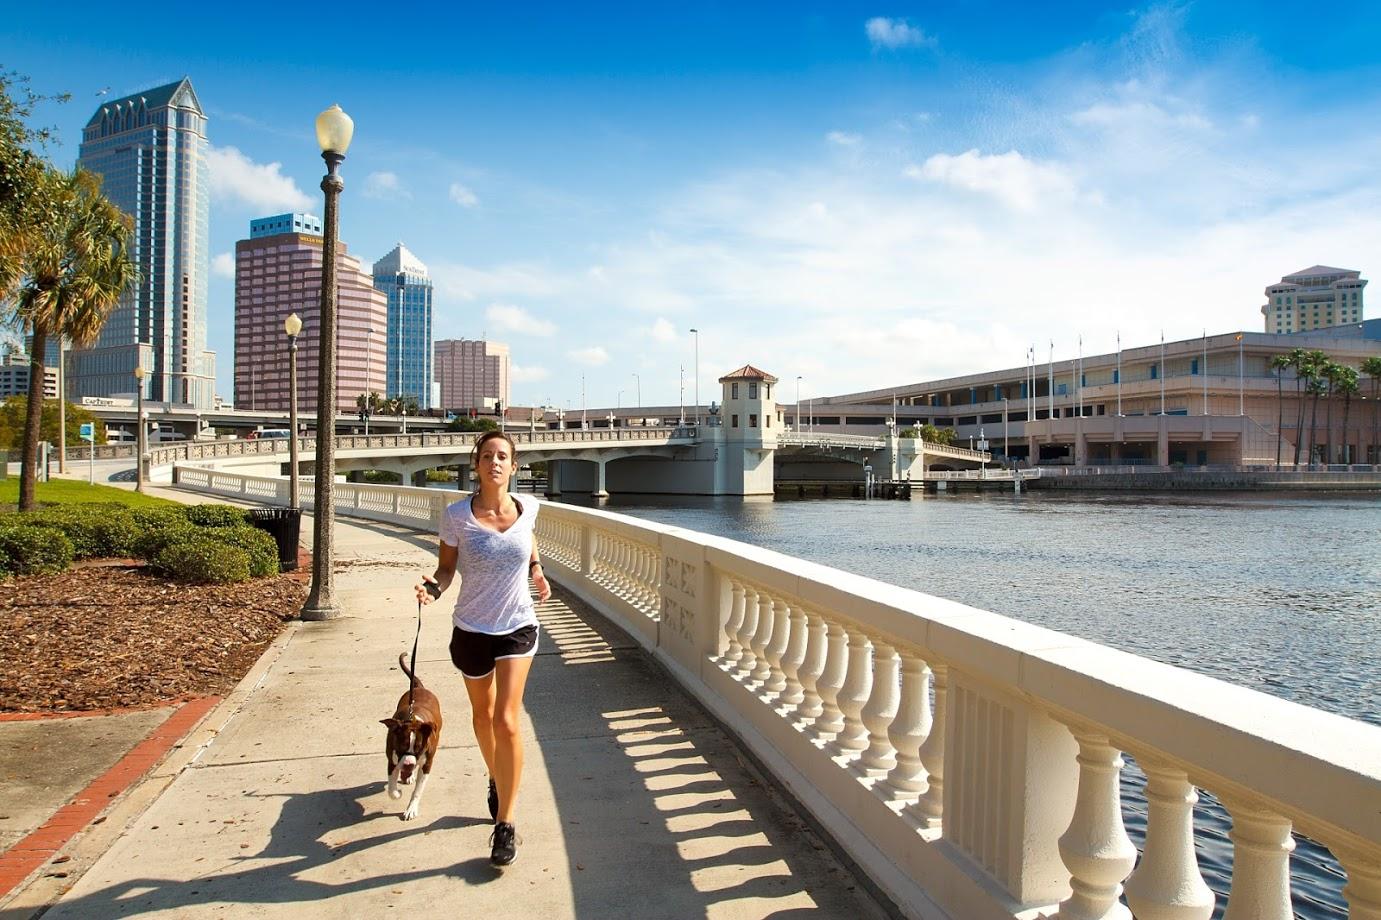 Tampa running